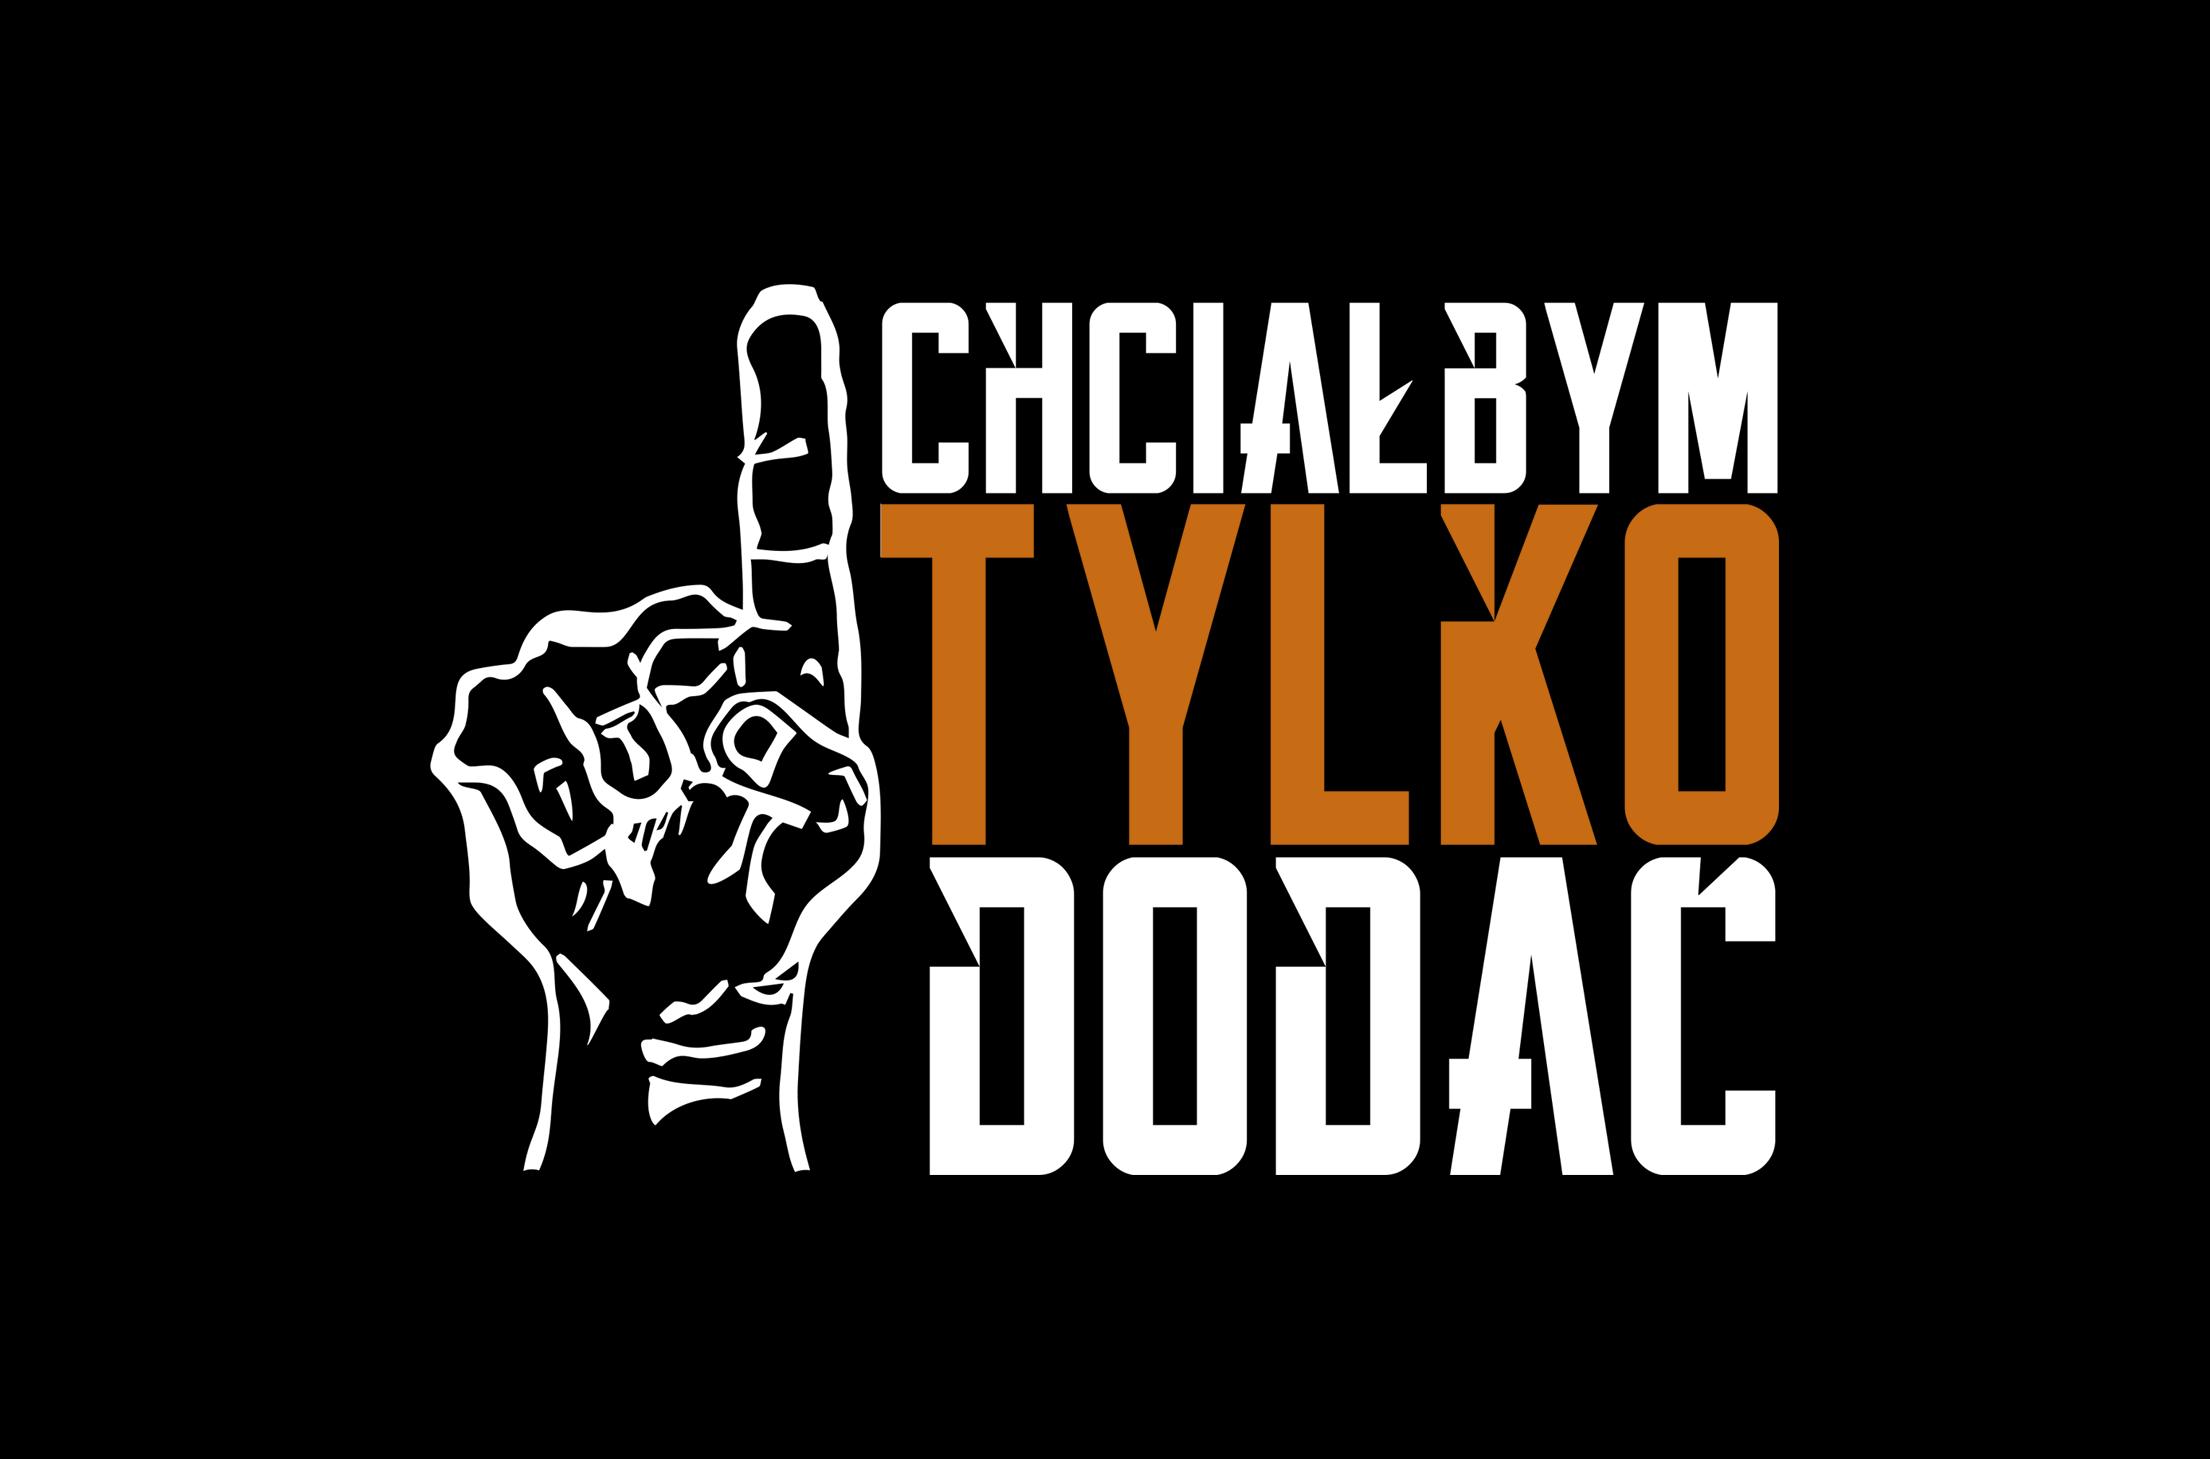 Logo programu CHCIAŁBYM TYLKO DODAĆ. Autor - Daria Kusztelak